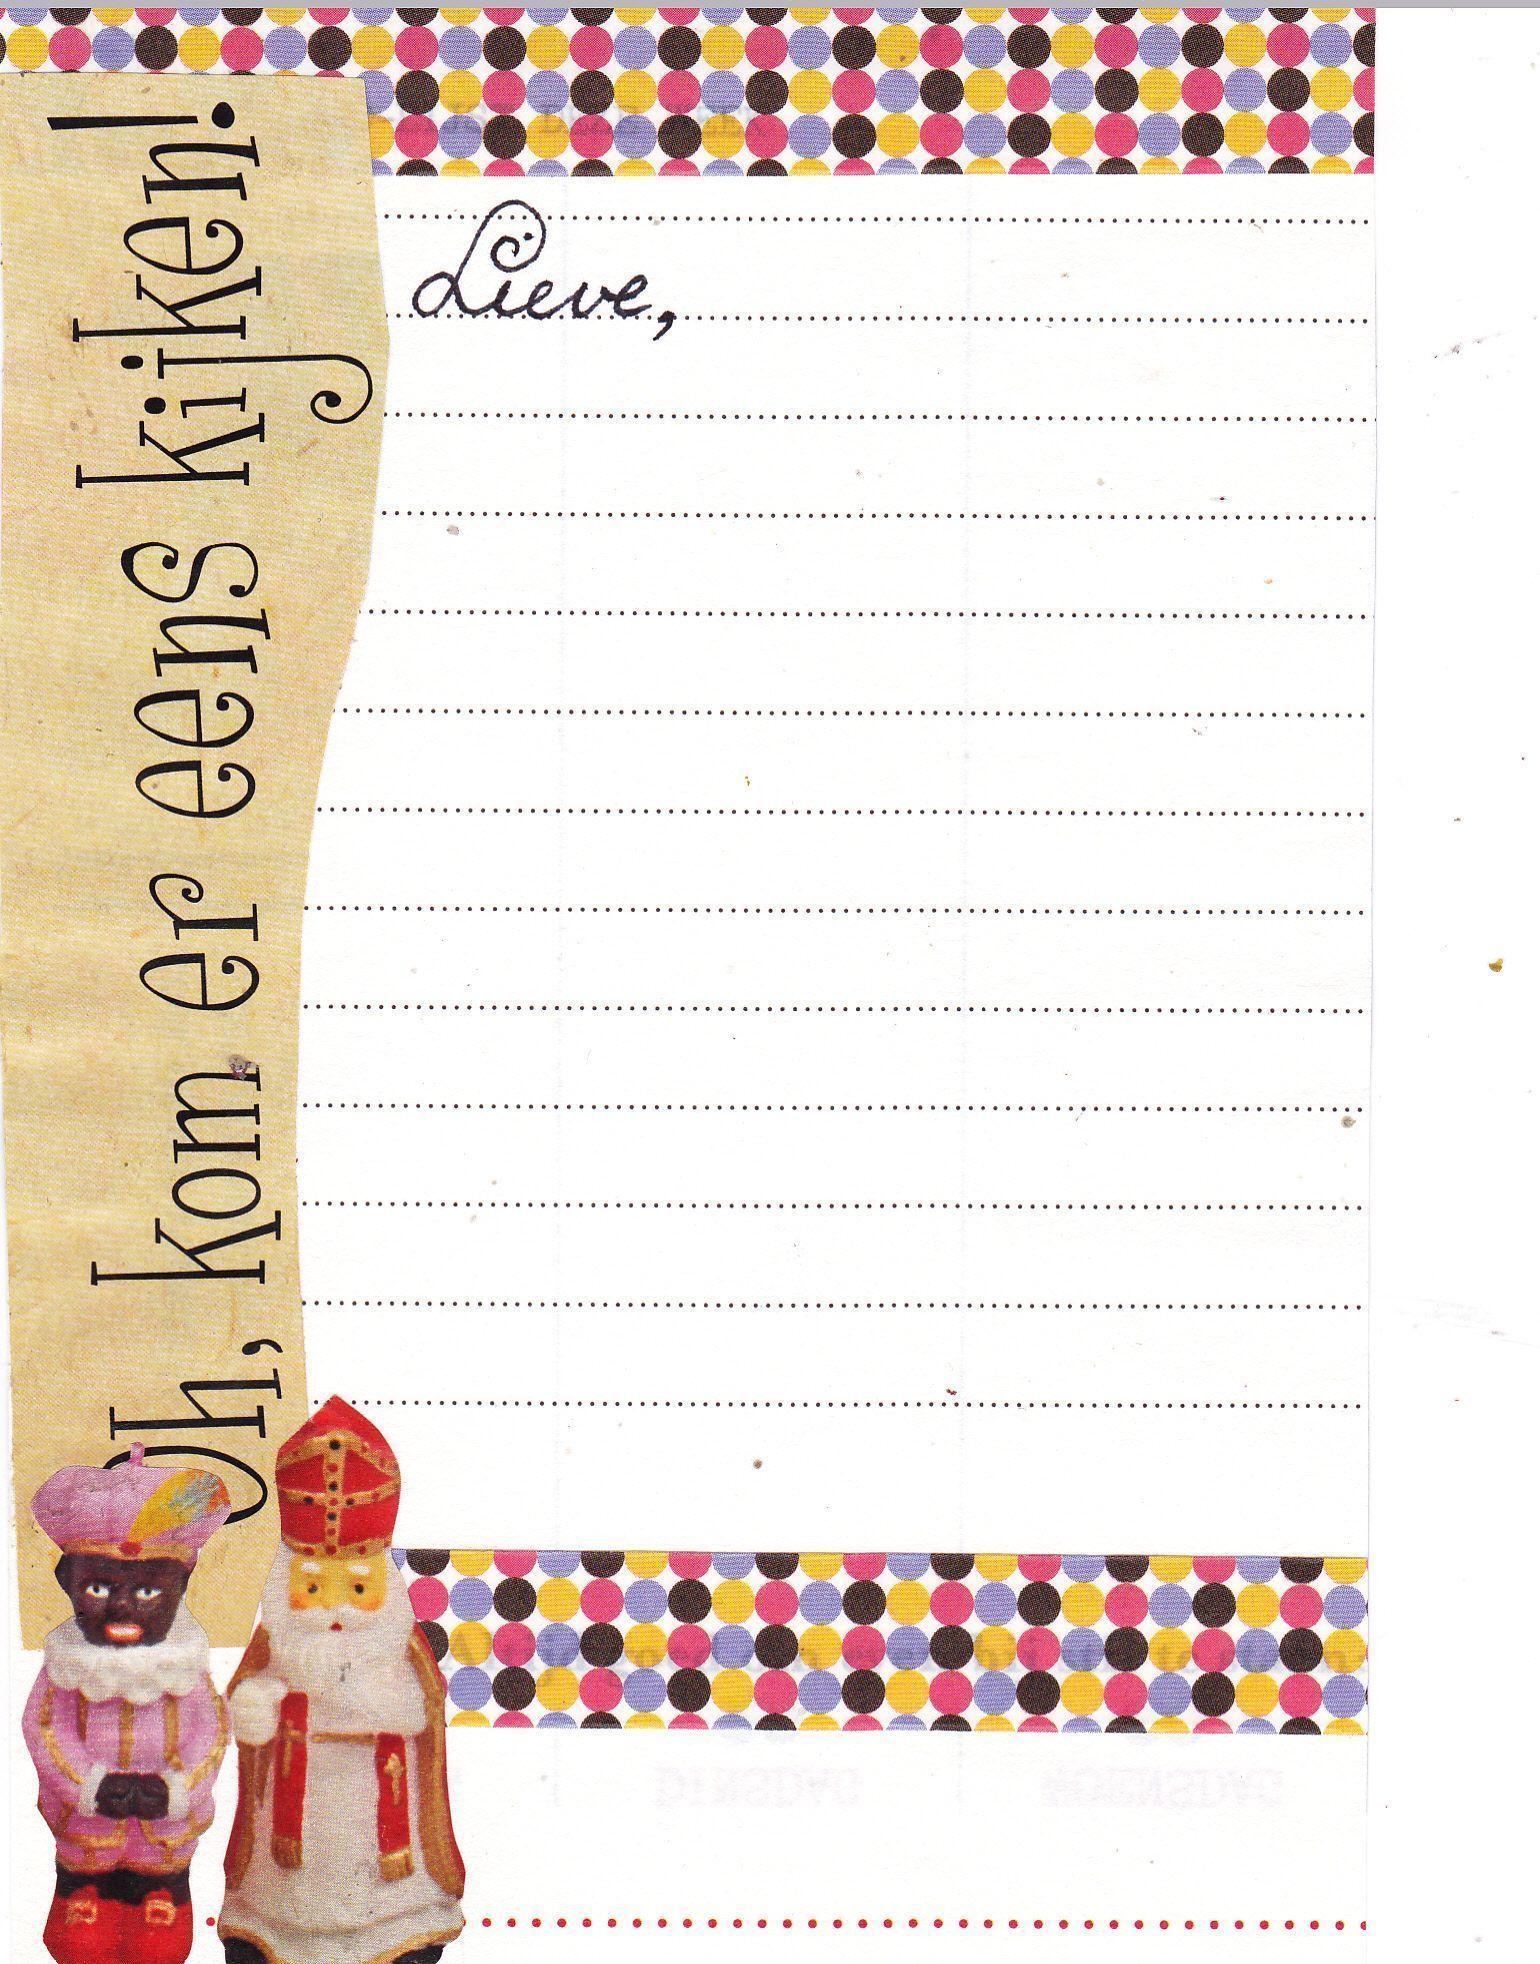 wie krijgt een brief van Sinterklaas? #briefvansinterklaas wie krijgt een brief van Sinterklaas? #briefvansinterklaas wie krijgt een brief van Sinterklaas? #briefvansinterklaas wie krijgt een brief van Sinterklaas? #briefvansinterklaas wie krijgt een brief van Sinterklaas? #briefvansinterklaas wie krijgt een brief van Sinterklaas? #briefvansinterklaas wie krijgt een brief van Sinterklaas? #briefvansinterklaas wie krijgt een brief van Sinterklaas? #briefvansinterklaas wie krijgt een brief van Sin